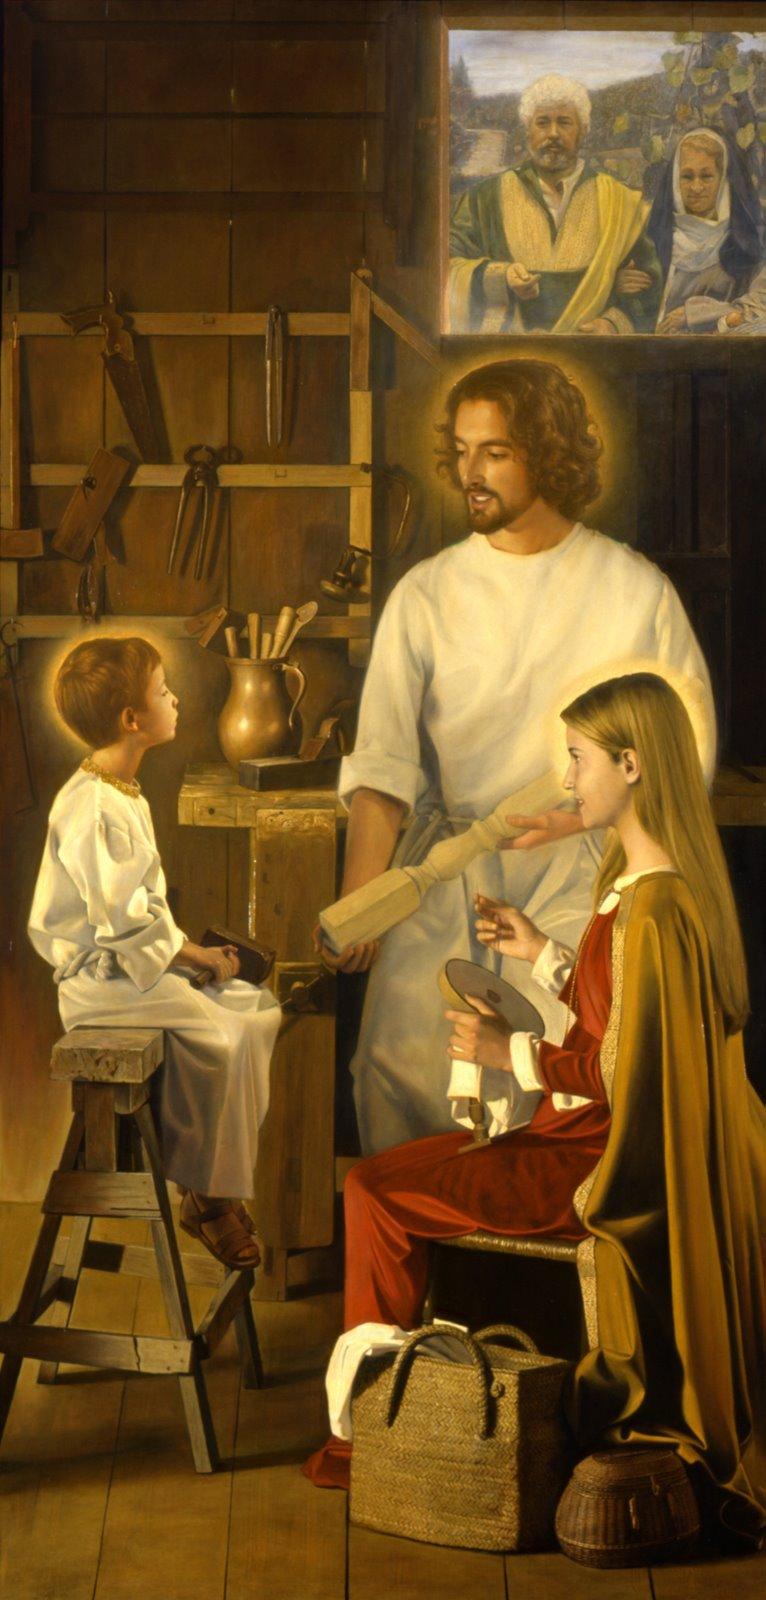 Prière à Saint Joseph pour trouver un bureau, lieu de travail.